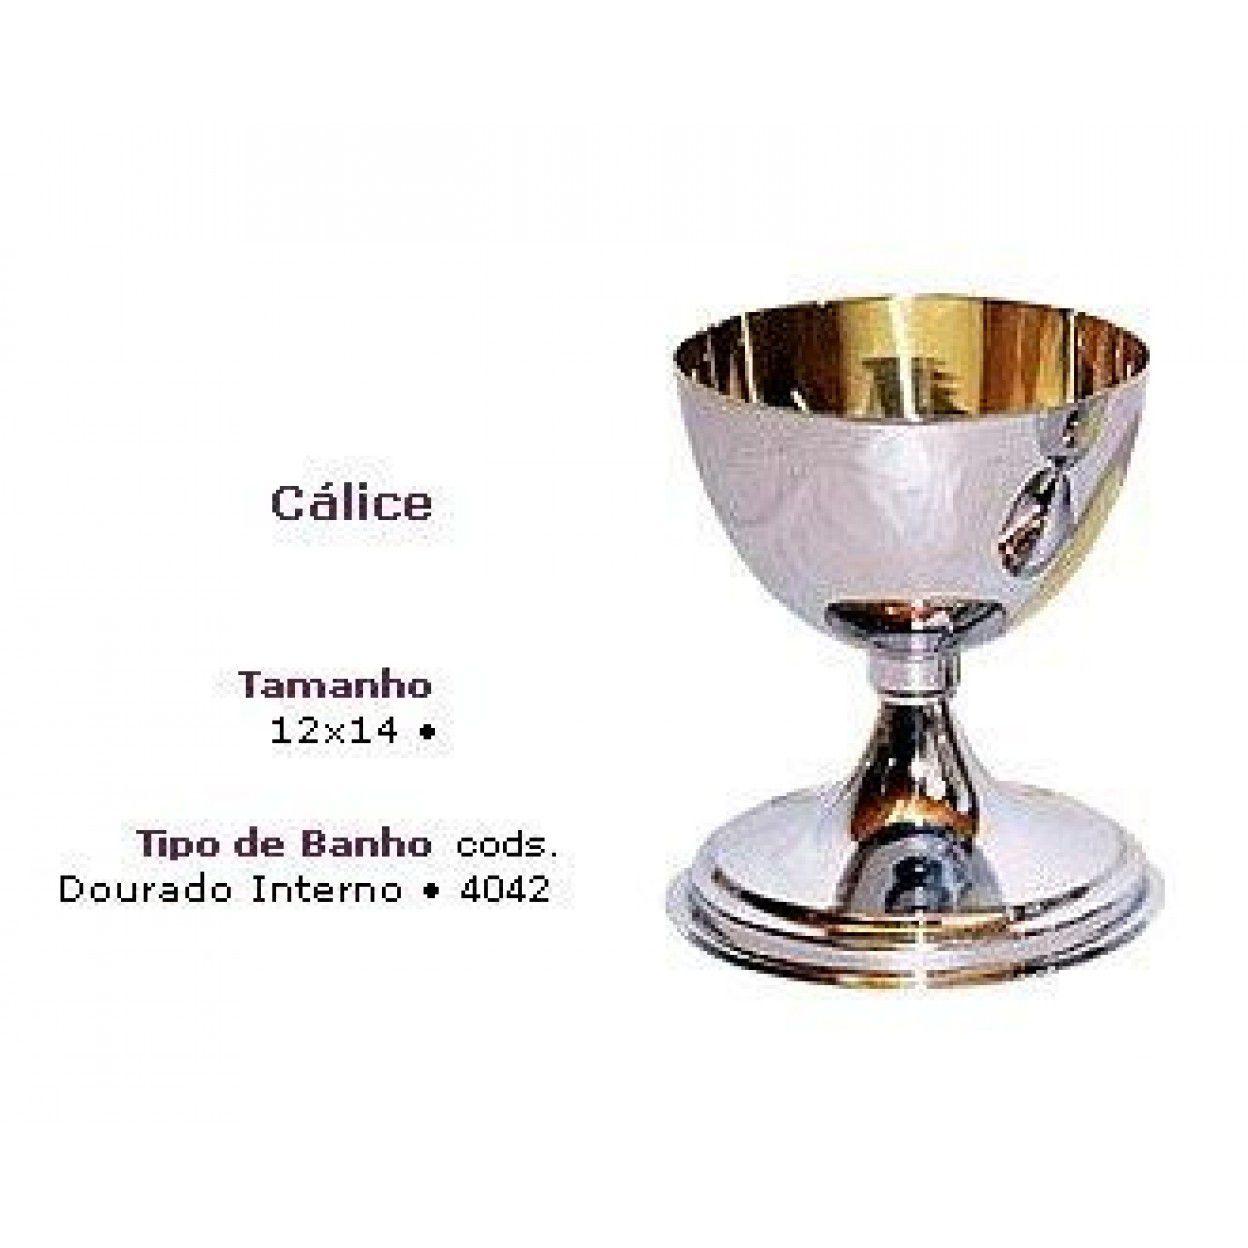 CÁLICE 1620 DOURADO INTERNO 4042